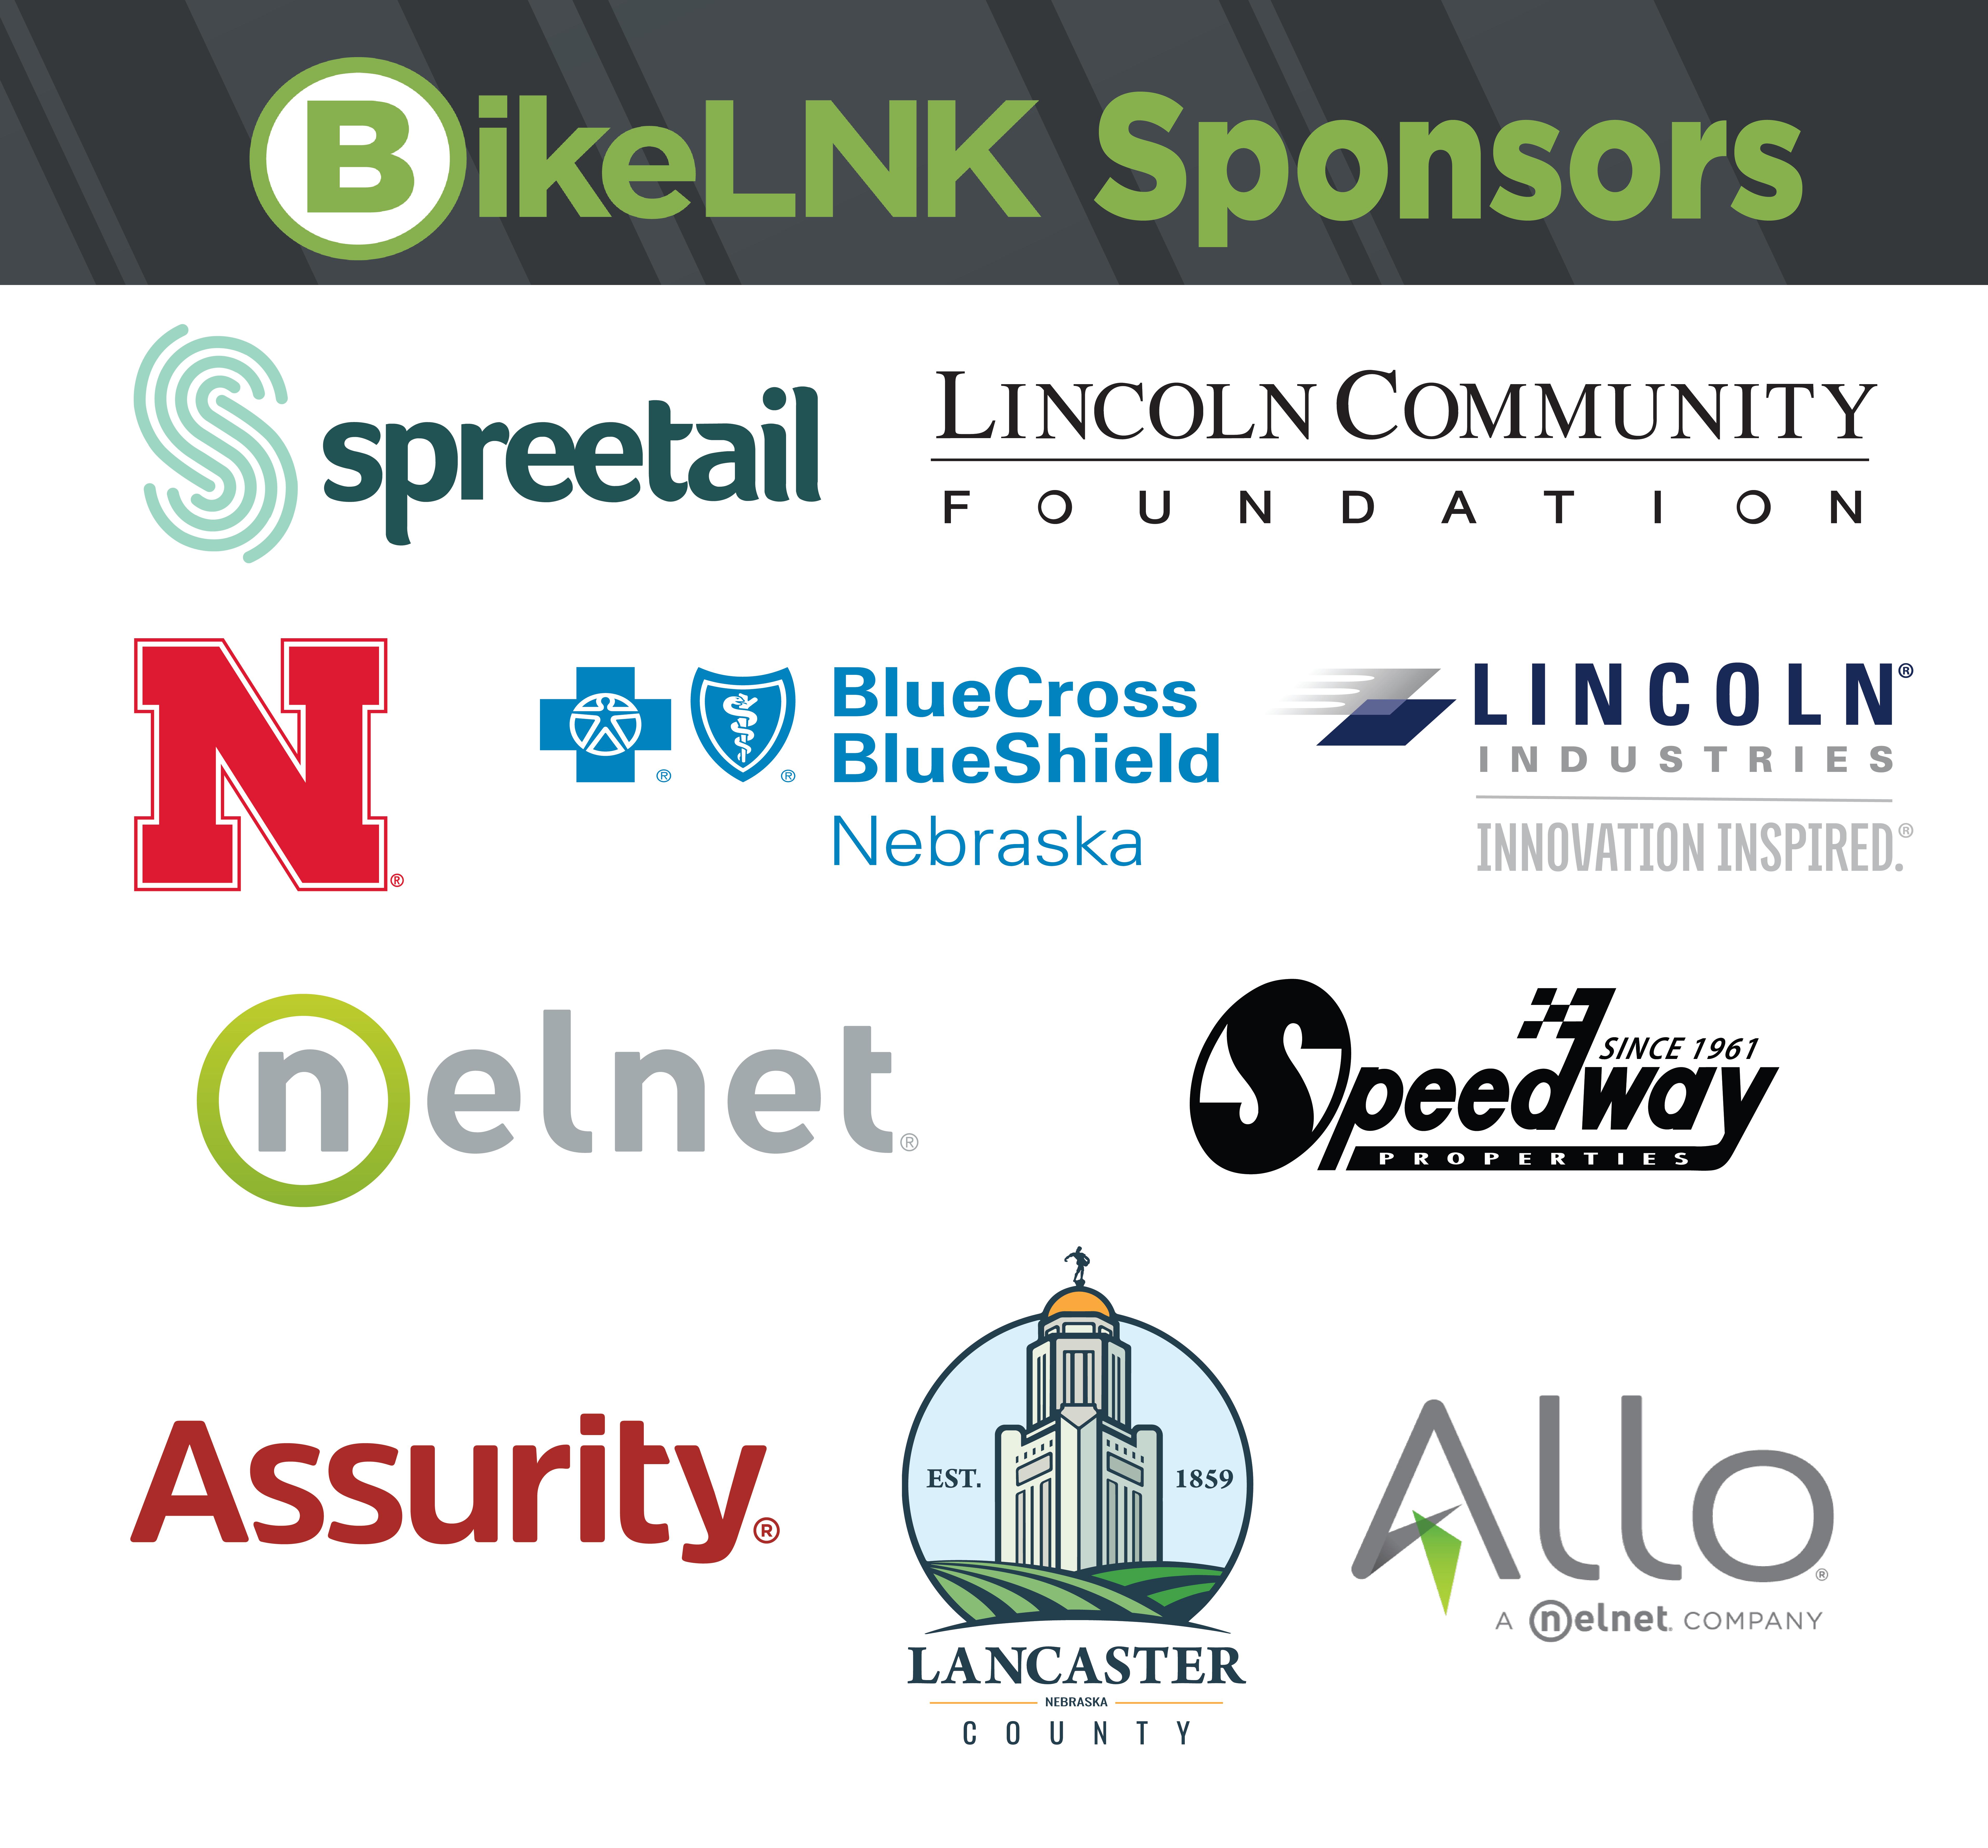 BikeLNK Sponsors 2020